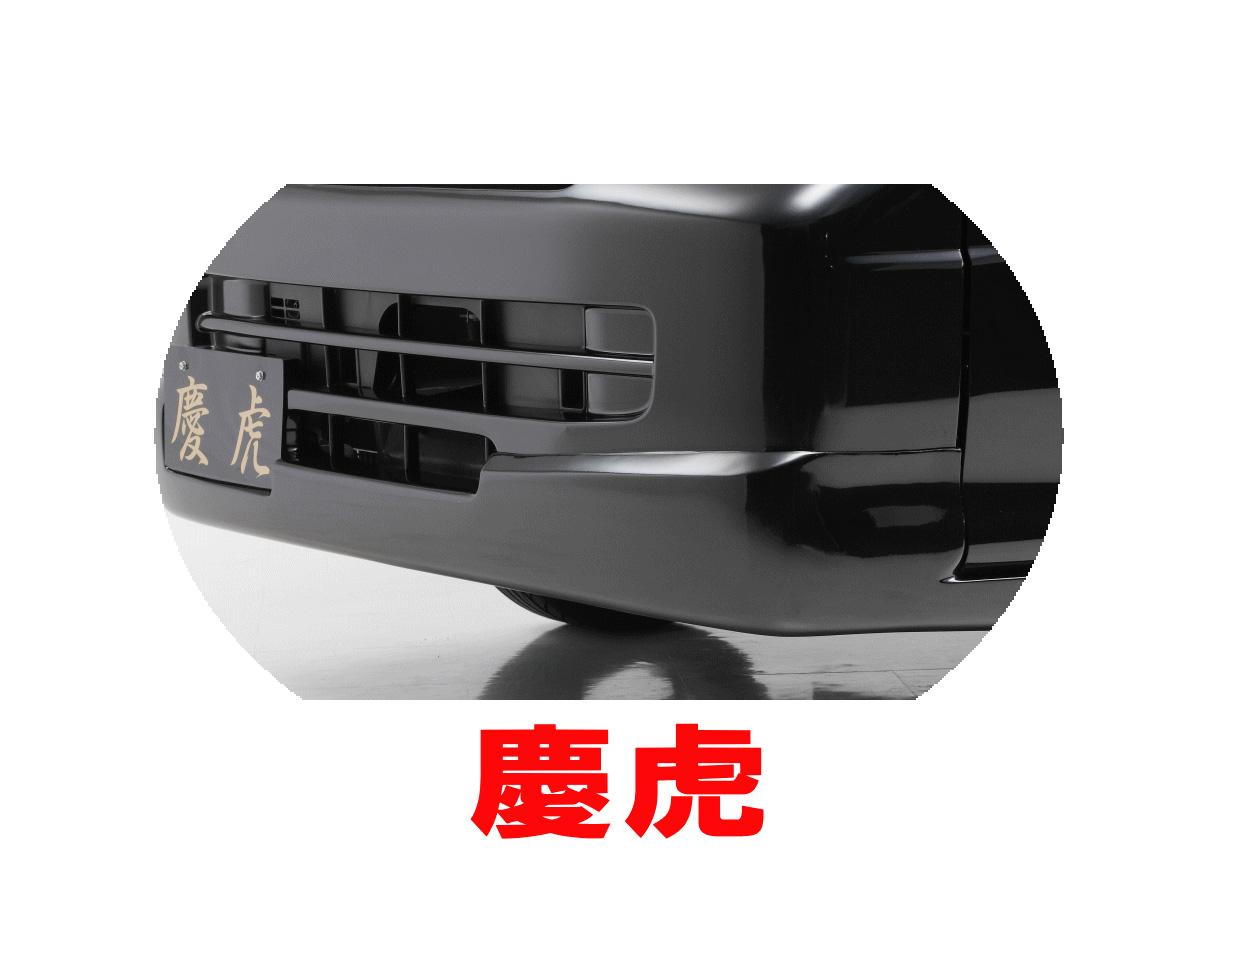 【ケイゾーン/keiZone】ピクシストラック 等にお勧め フロントリップスポイラーVer.I 慶虎シリーズ エアロパーツ 型式等:S201U/S211U